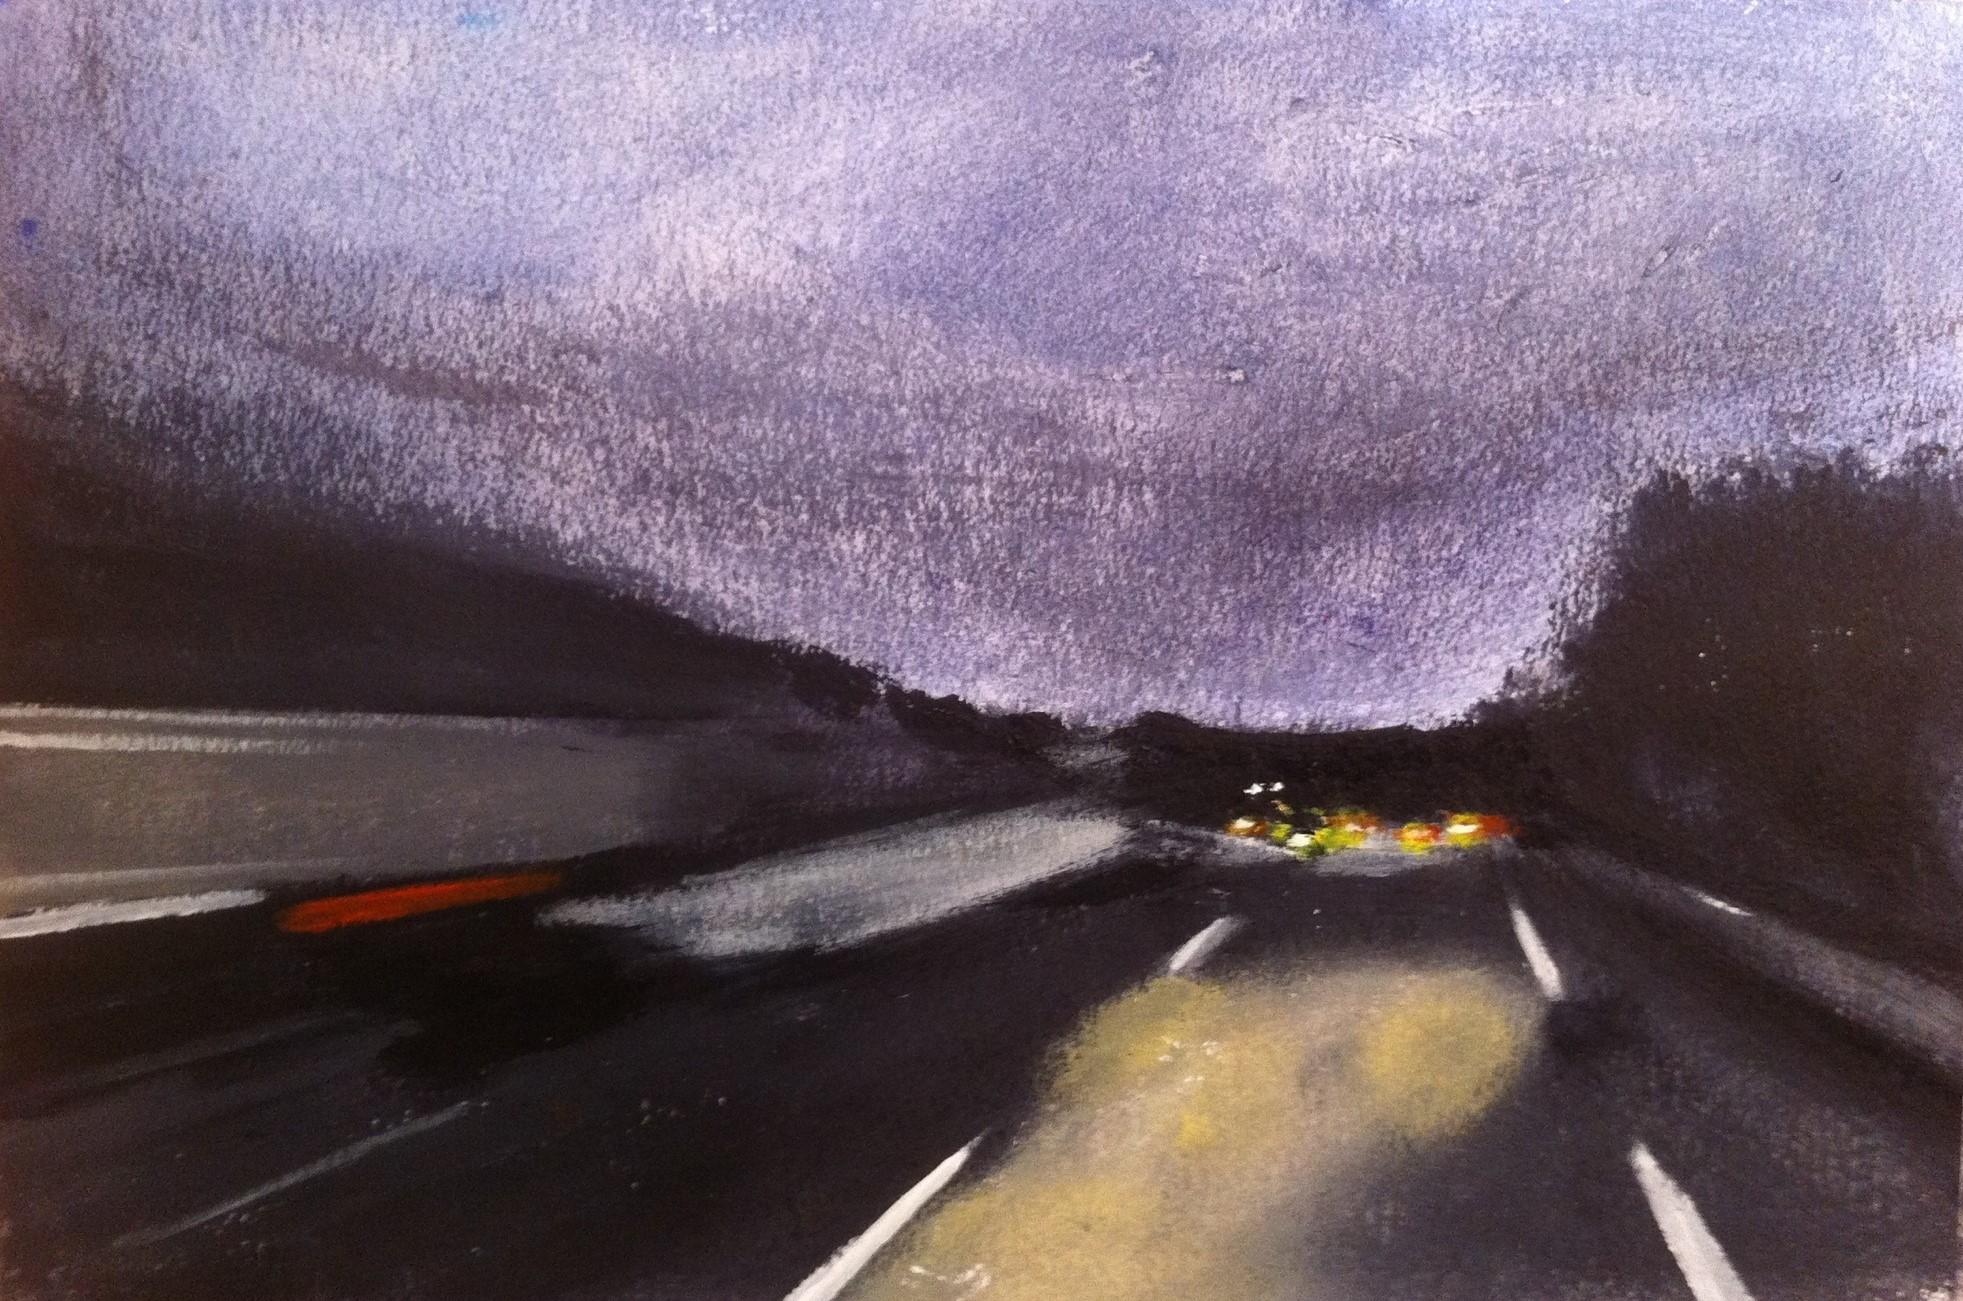 N°1006 - Route de nuit - Acrylique sur papier - 36,5 x 56 cm - 26 décembre 2013